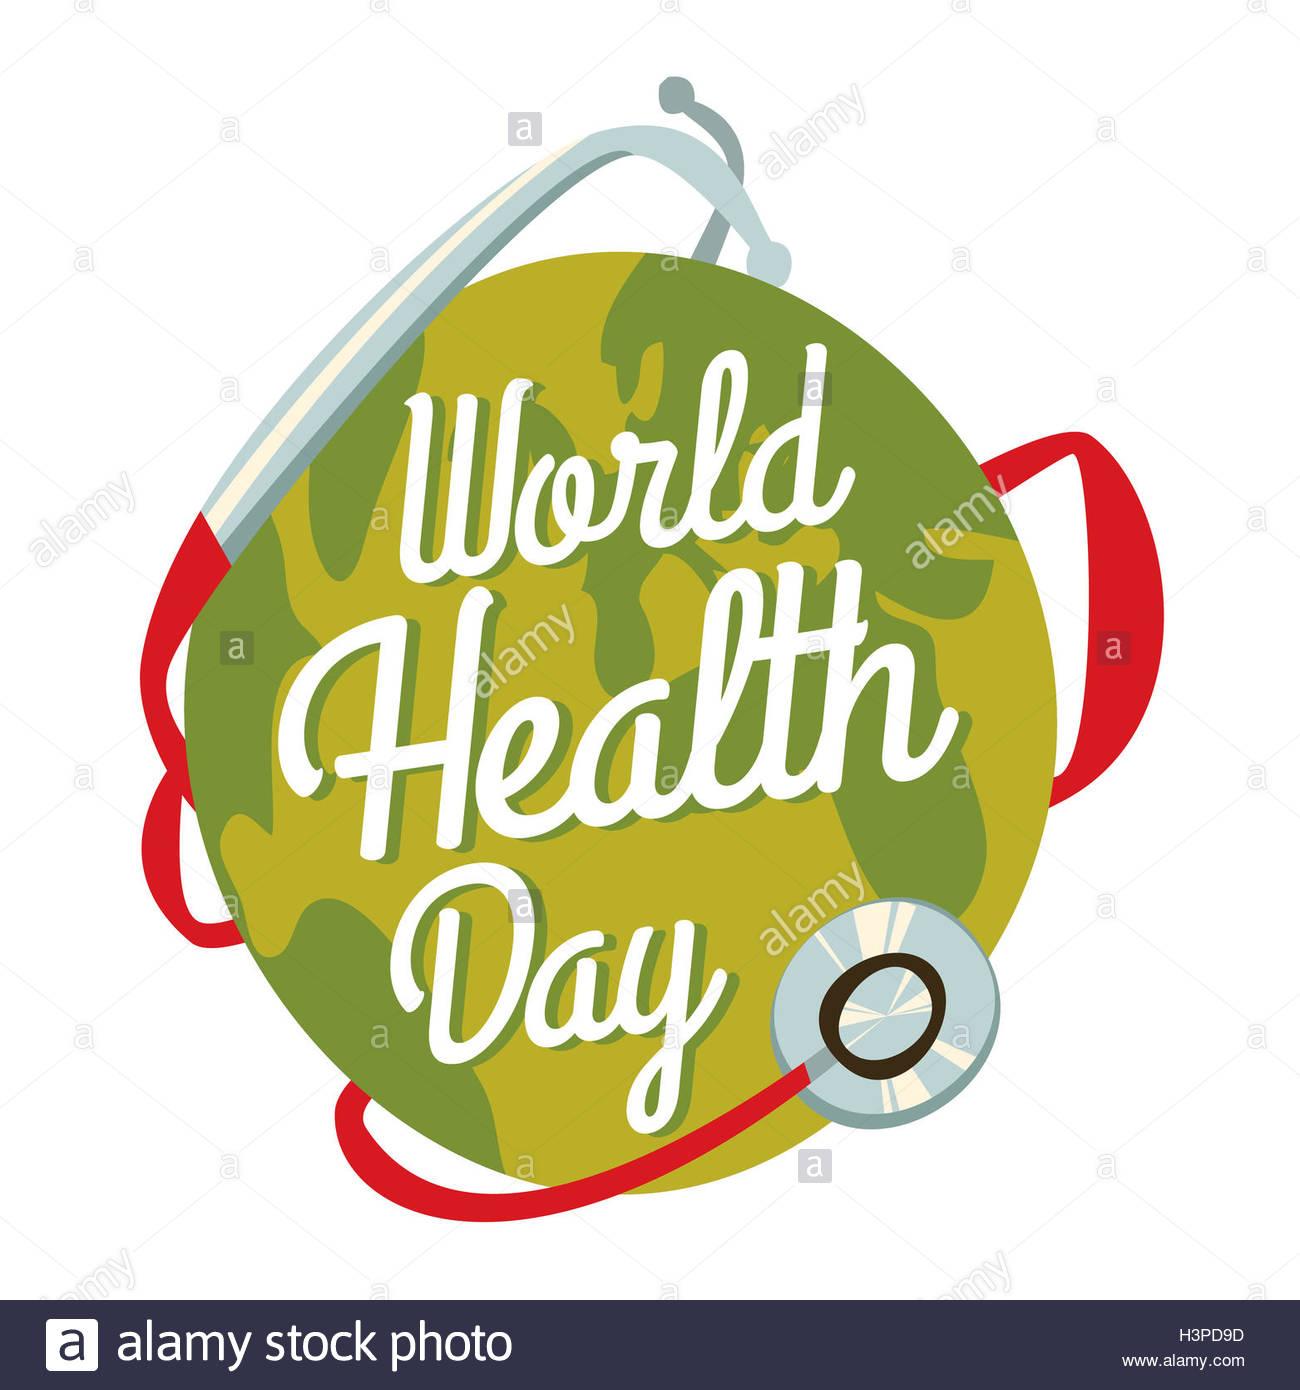 World Health Day Cartoon Earth Stock Photo